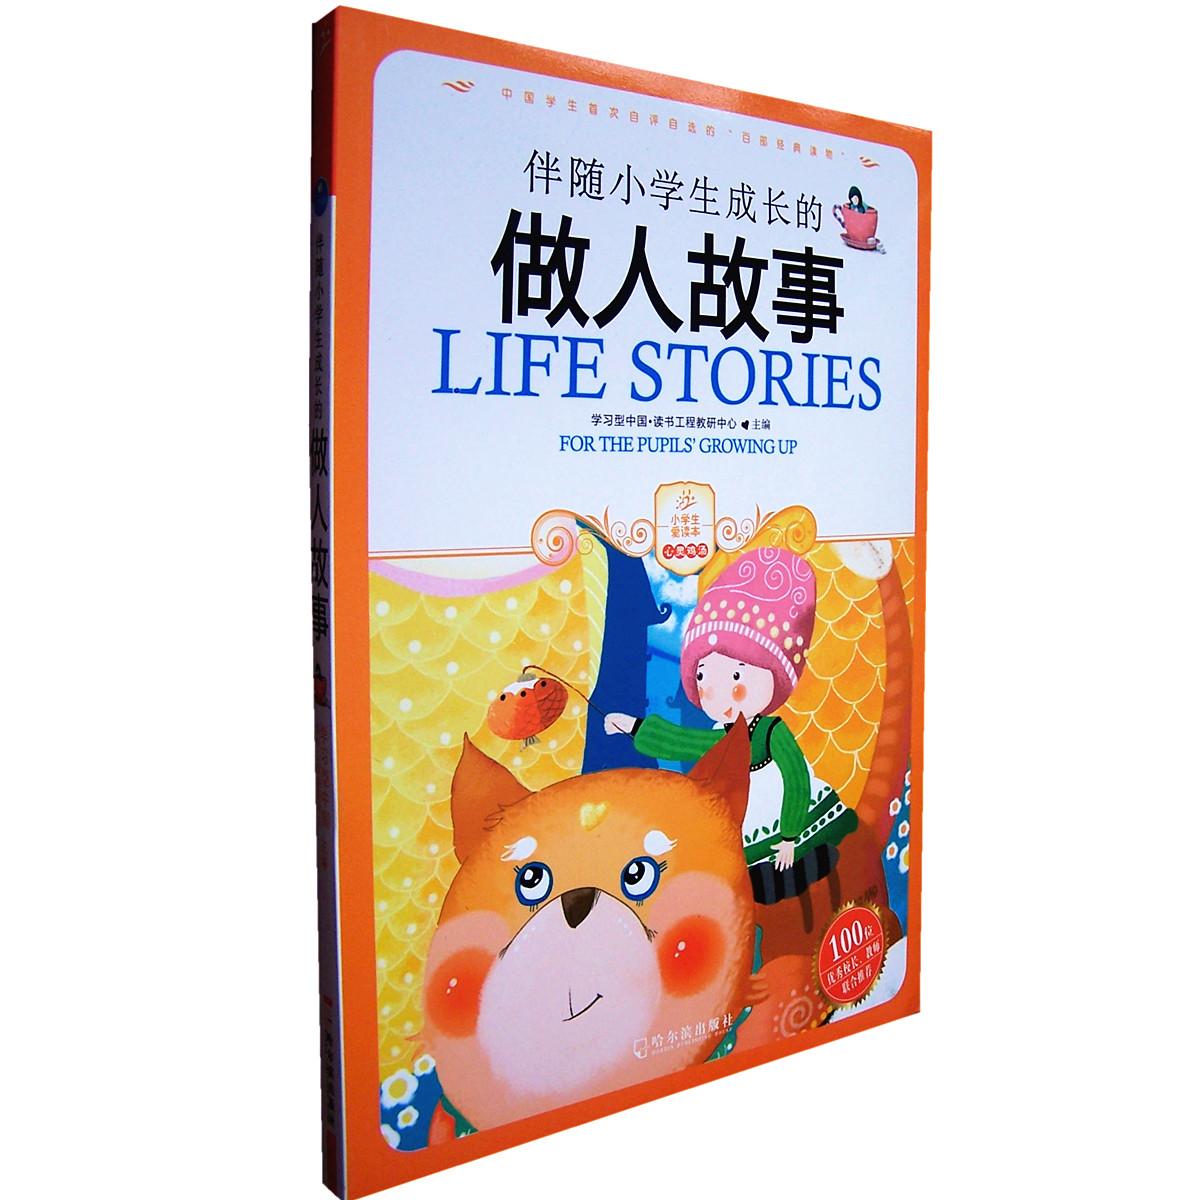 小学生做人图片9-12岁少书籍女生畅销书8-10儿童可爱小学生故事的图片